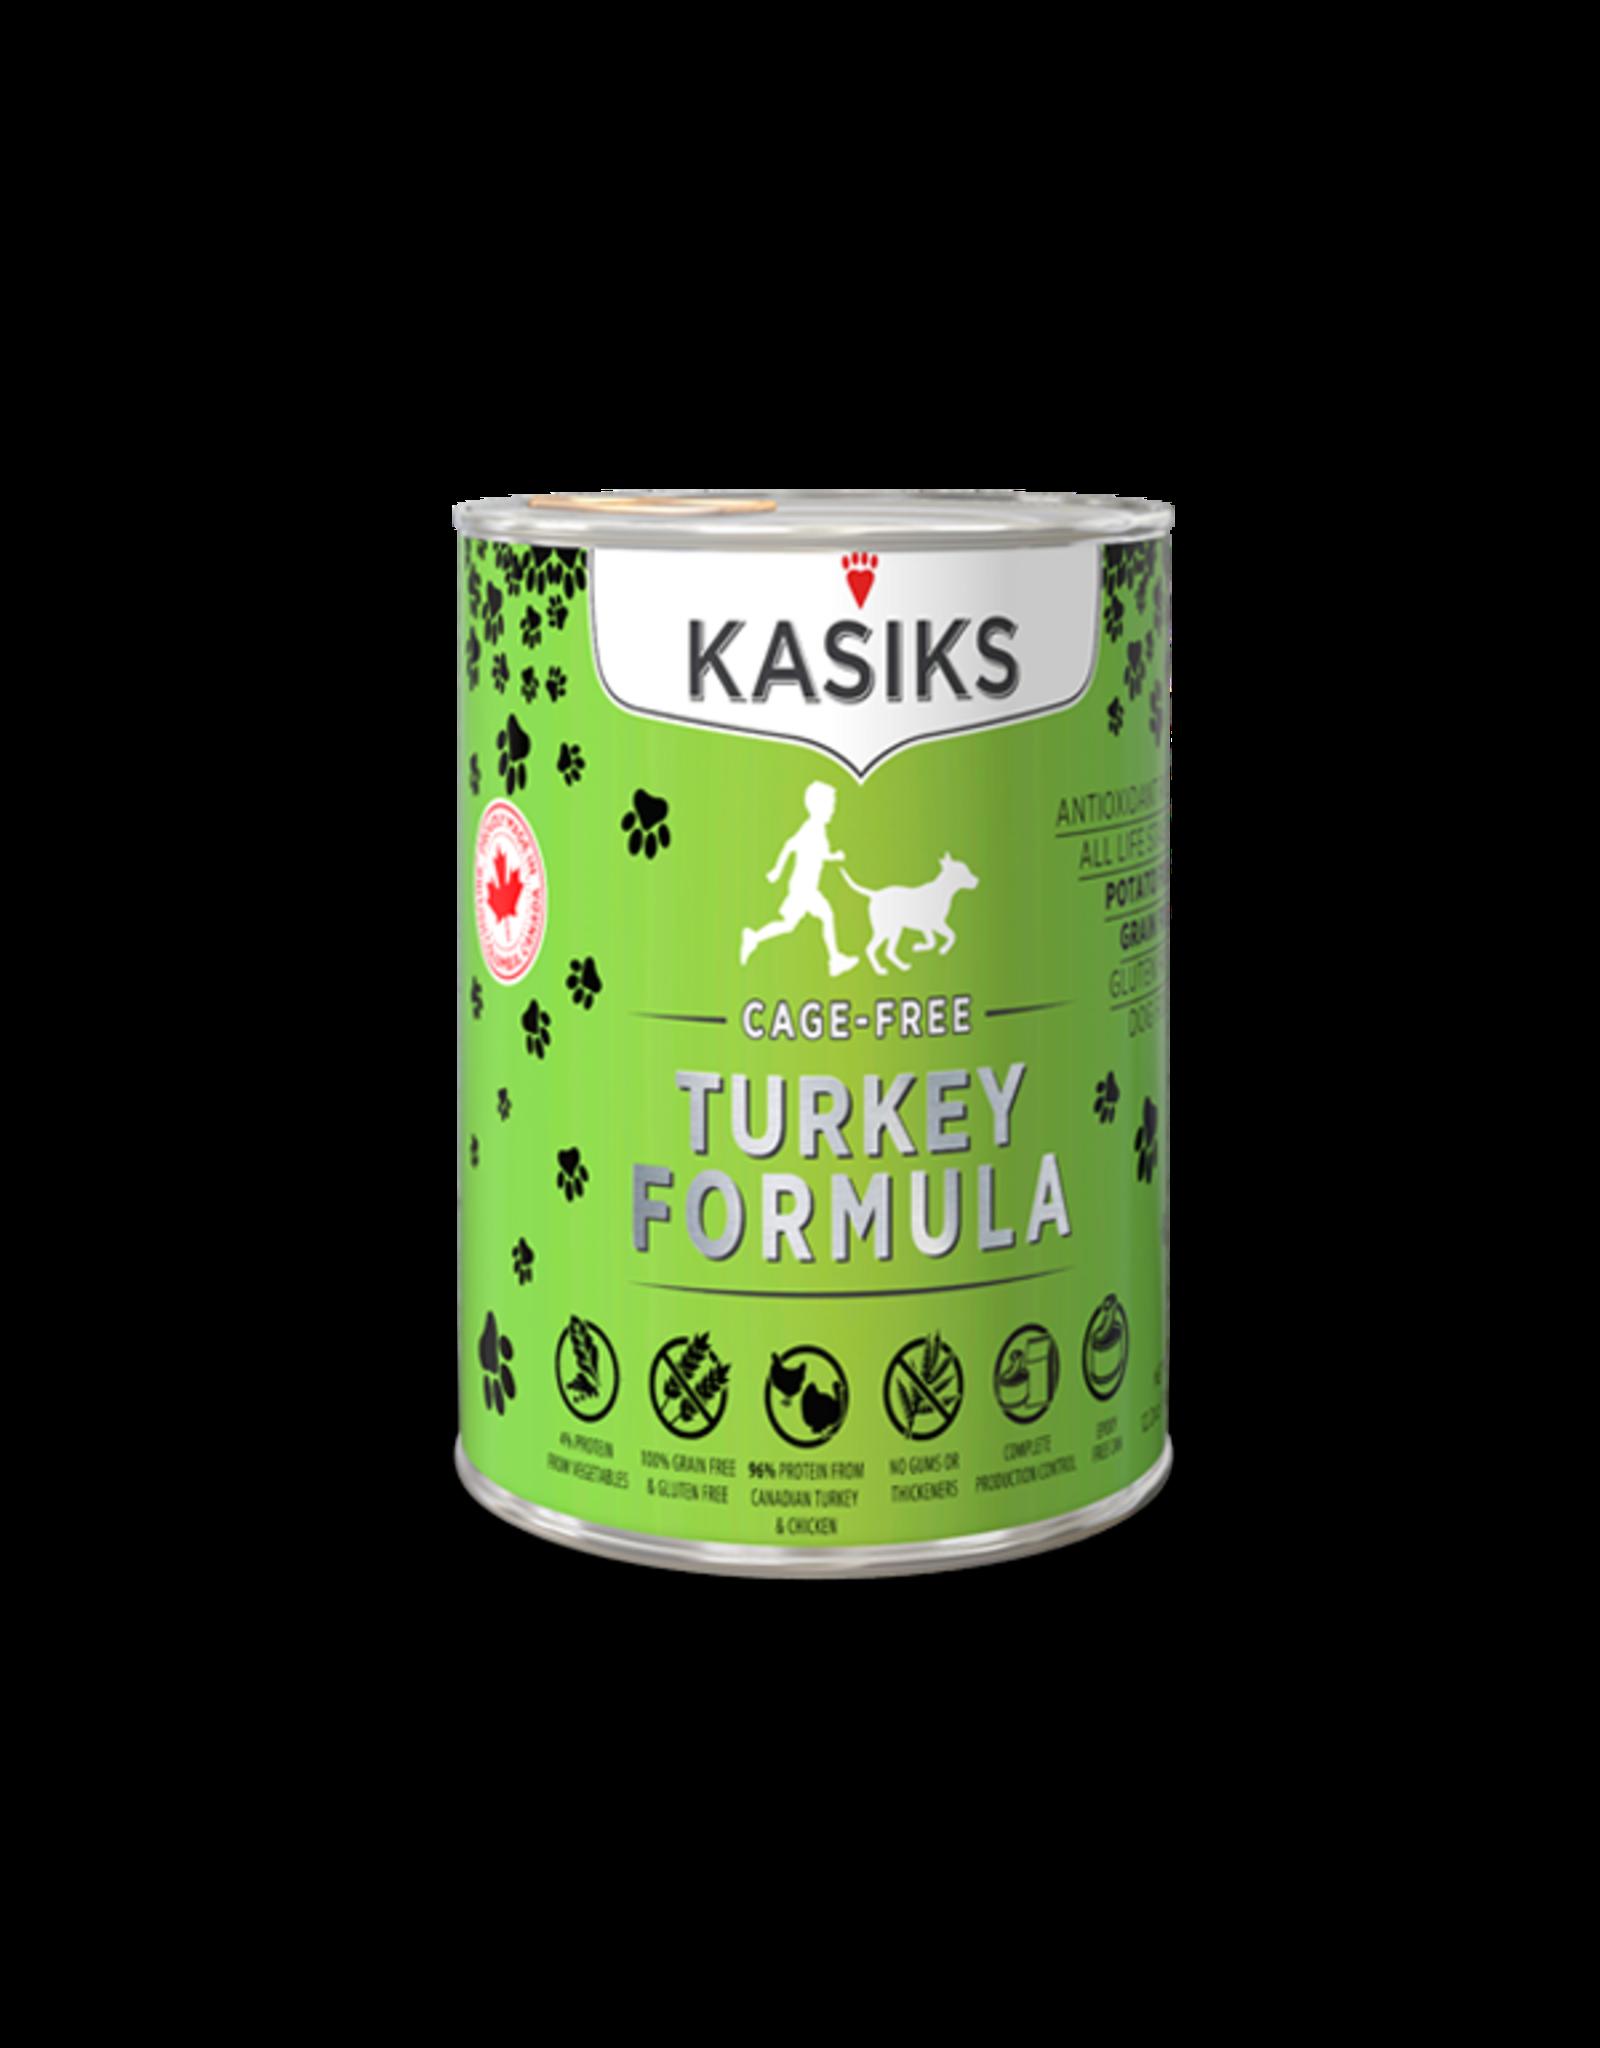 Kasiks Kasiks GF Cage Free Turkey [DOG] 12.2OZ